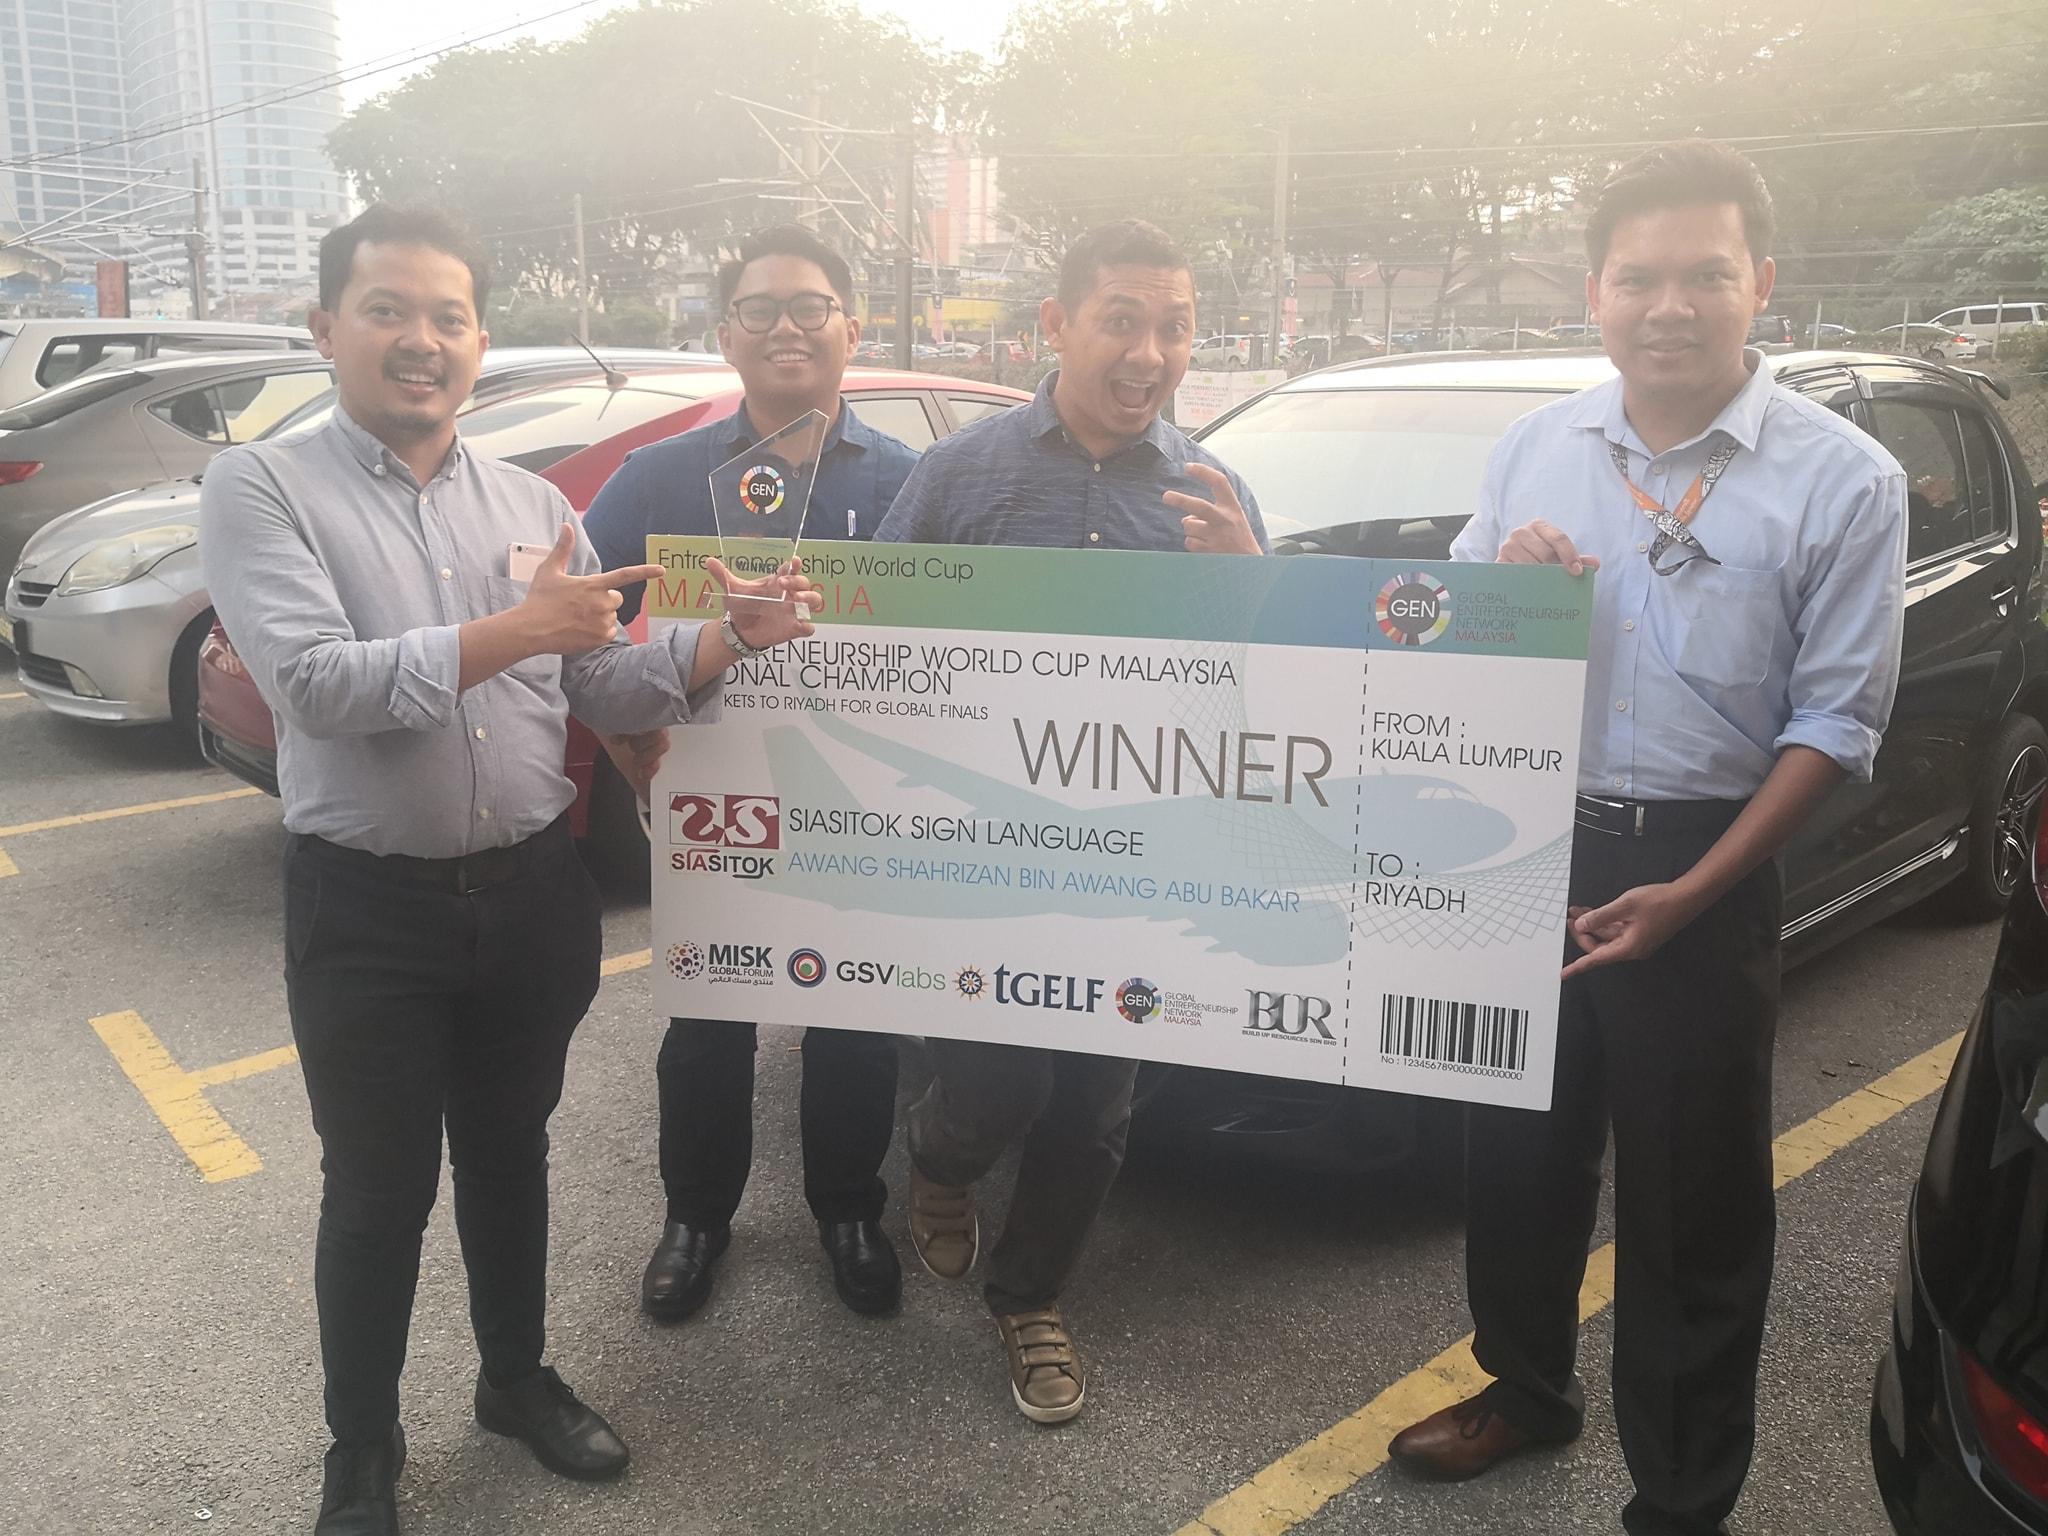 SiaSitok Won Entrepreneurship World Cup National!